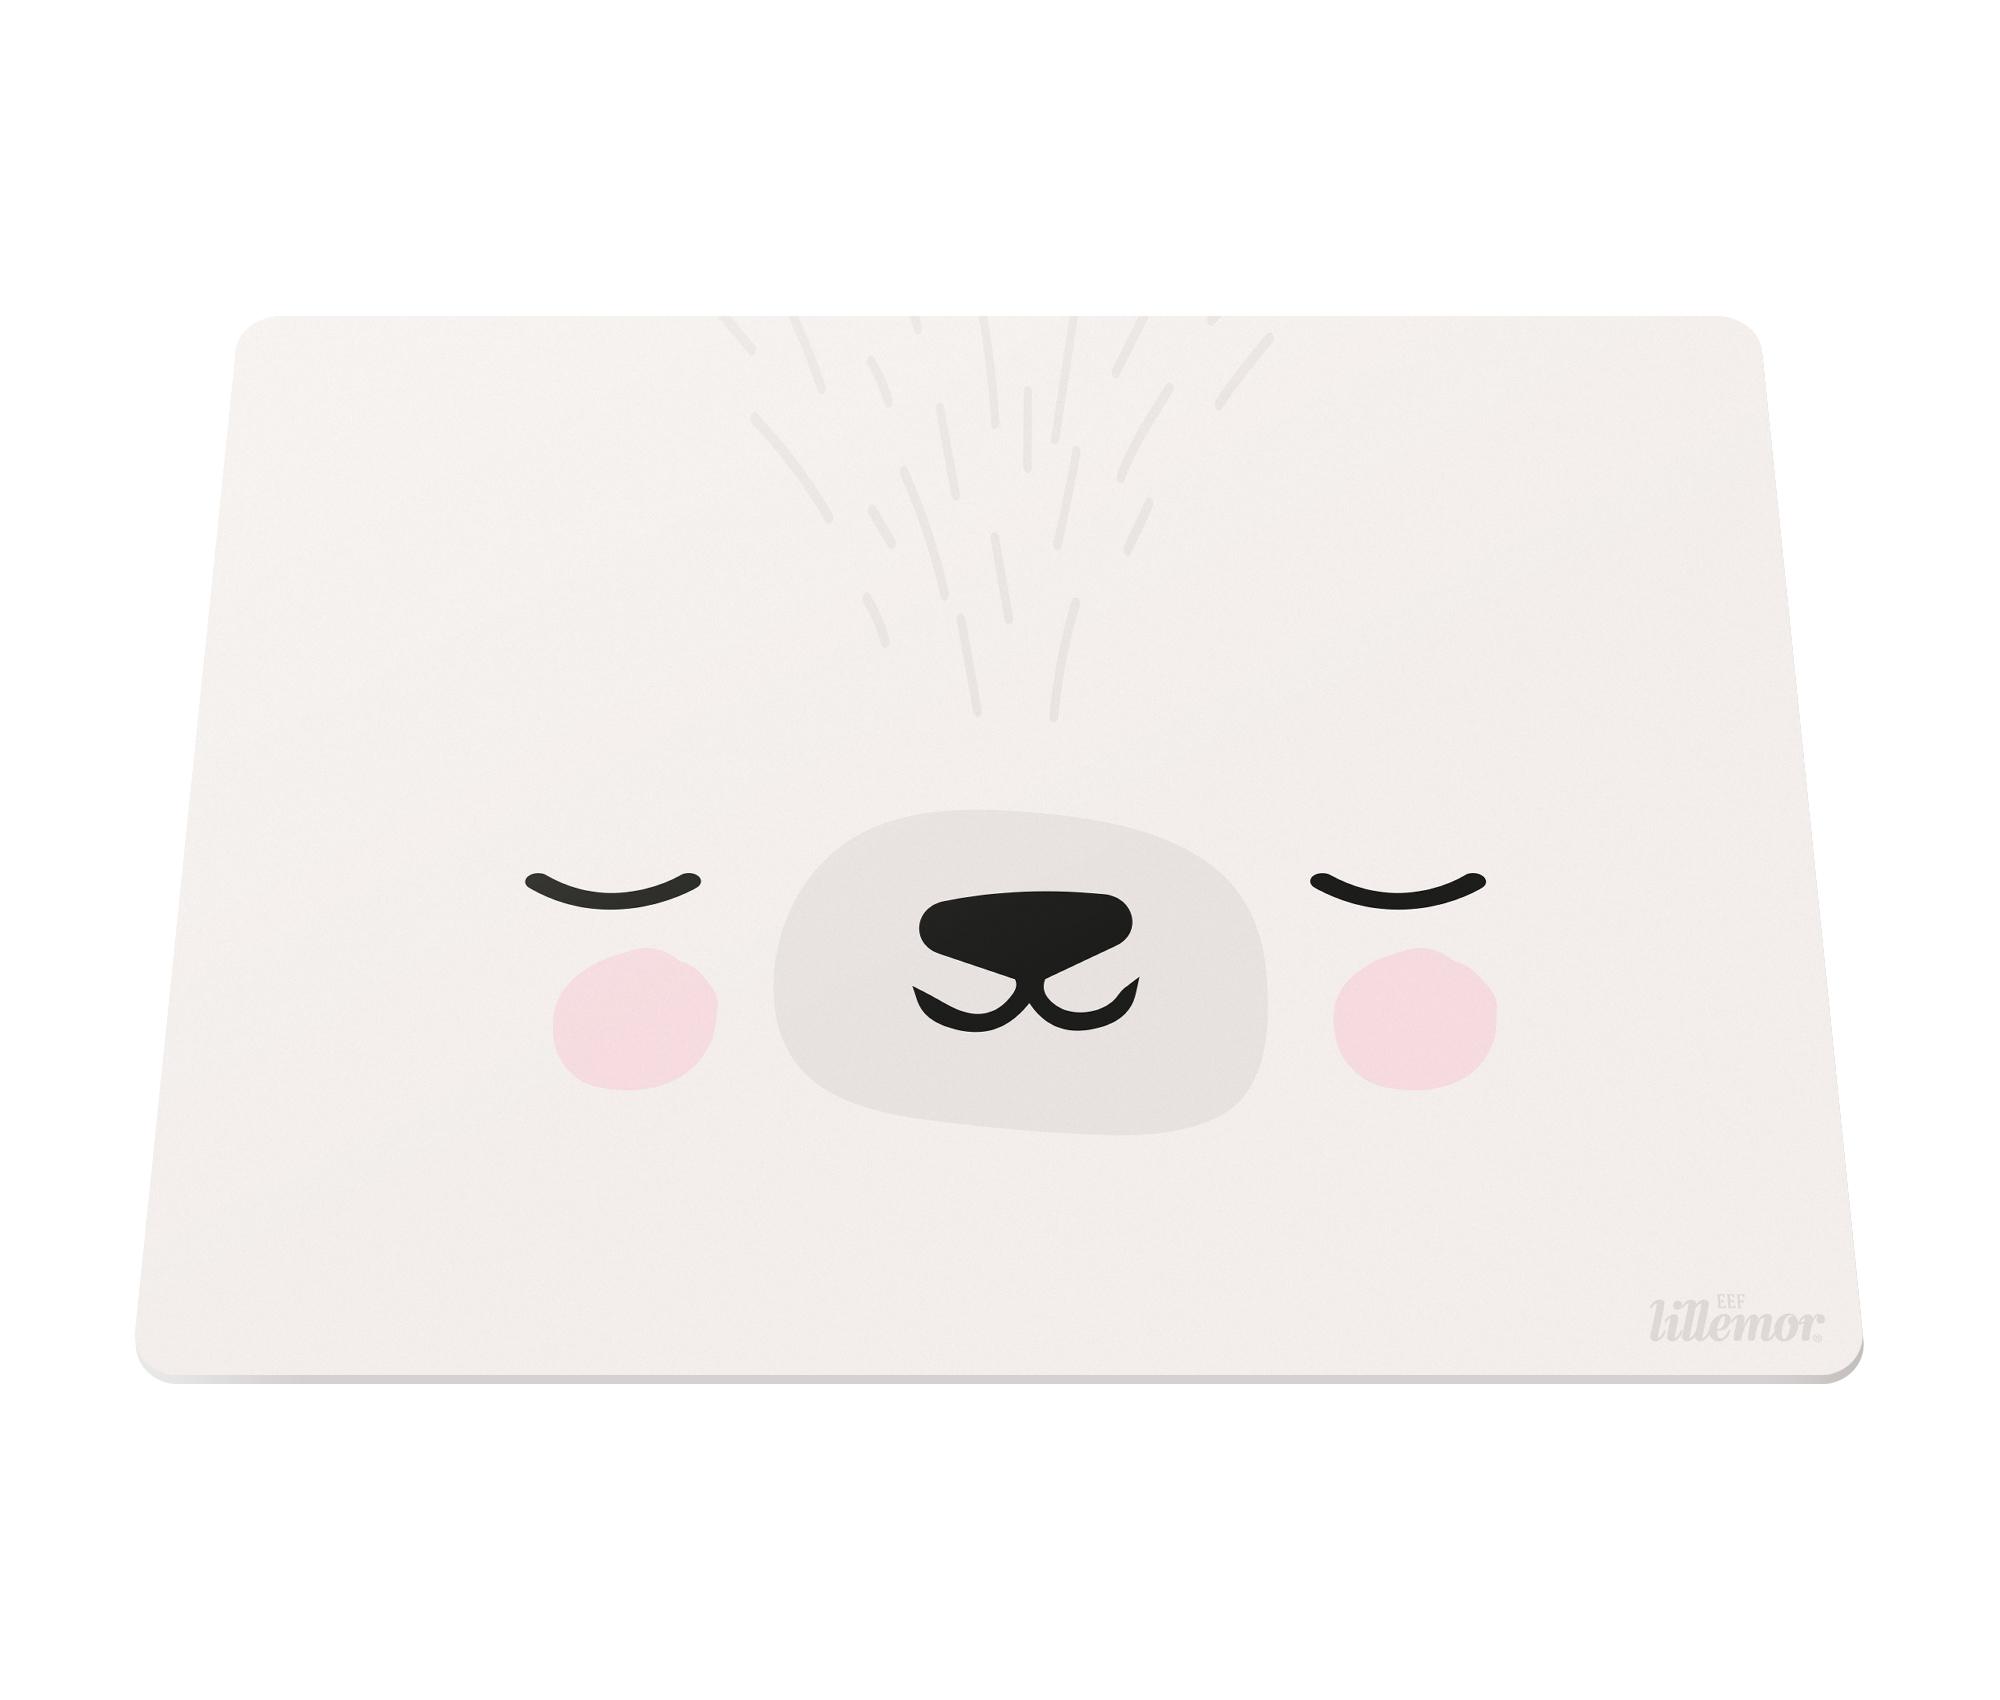 Silikon Platzset Tischset Unterlage Zirkus Hase weiß